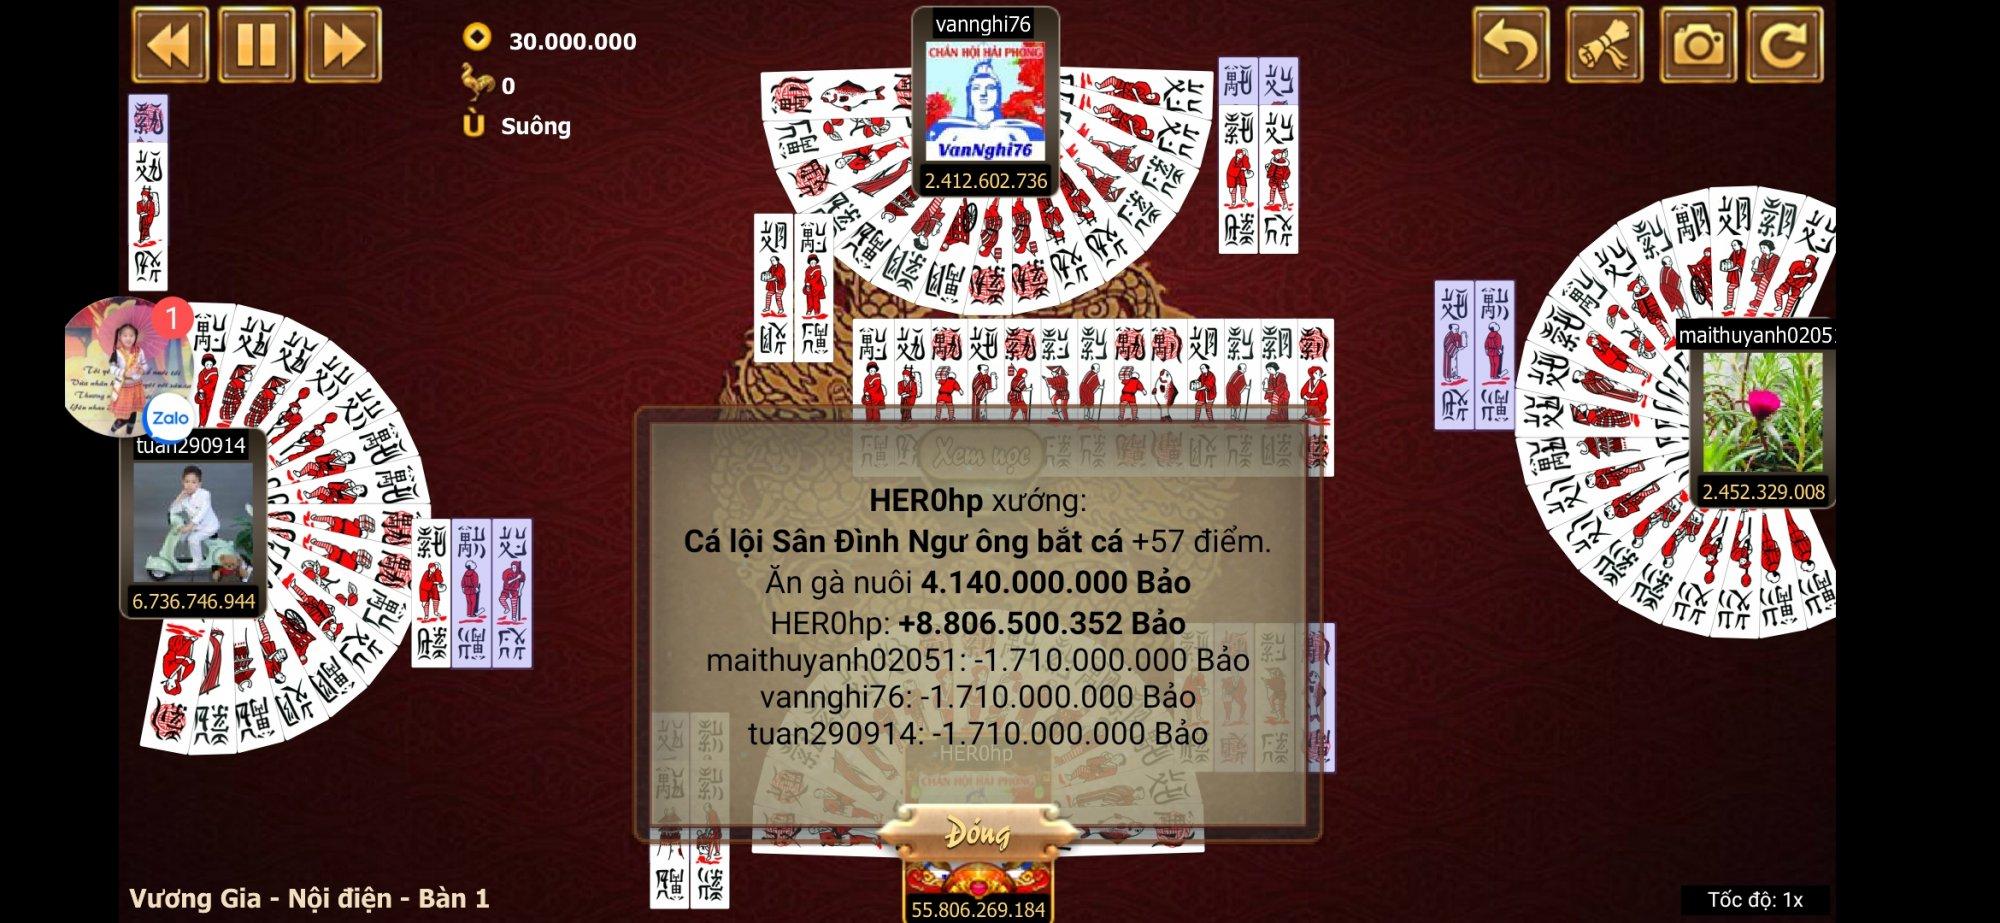 Screenshot_2020-09-16-12-38-58-127_com.vietsao.chandangian.